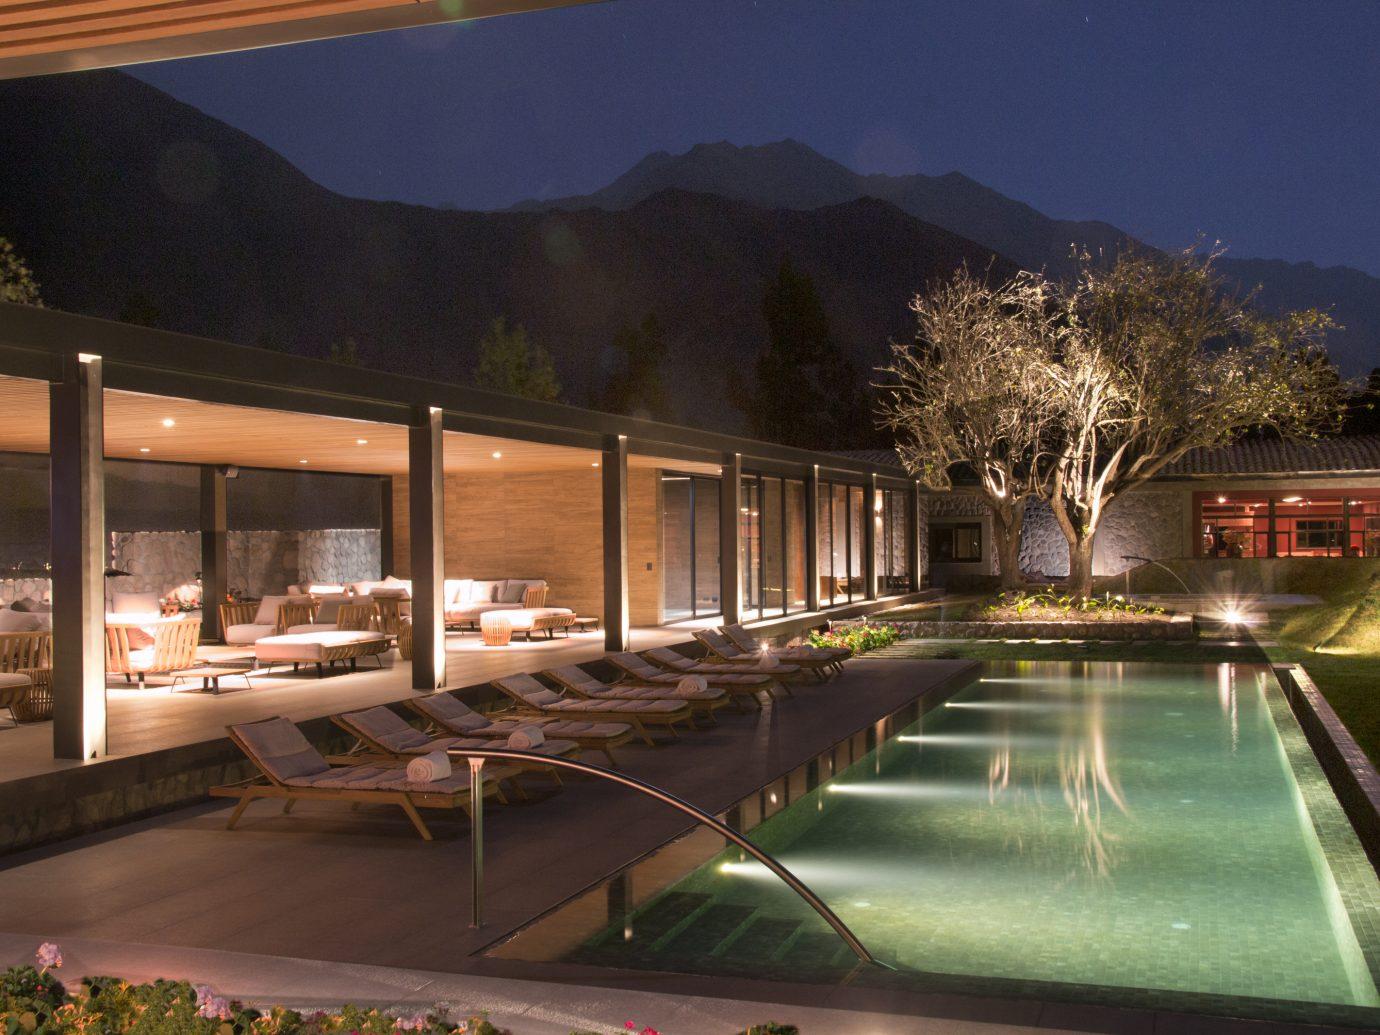 Swimming pool at Sol y Luna resort